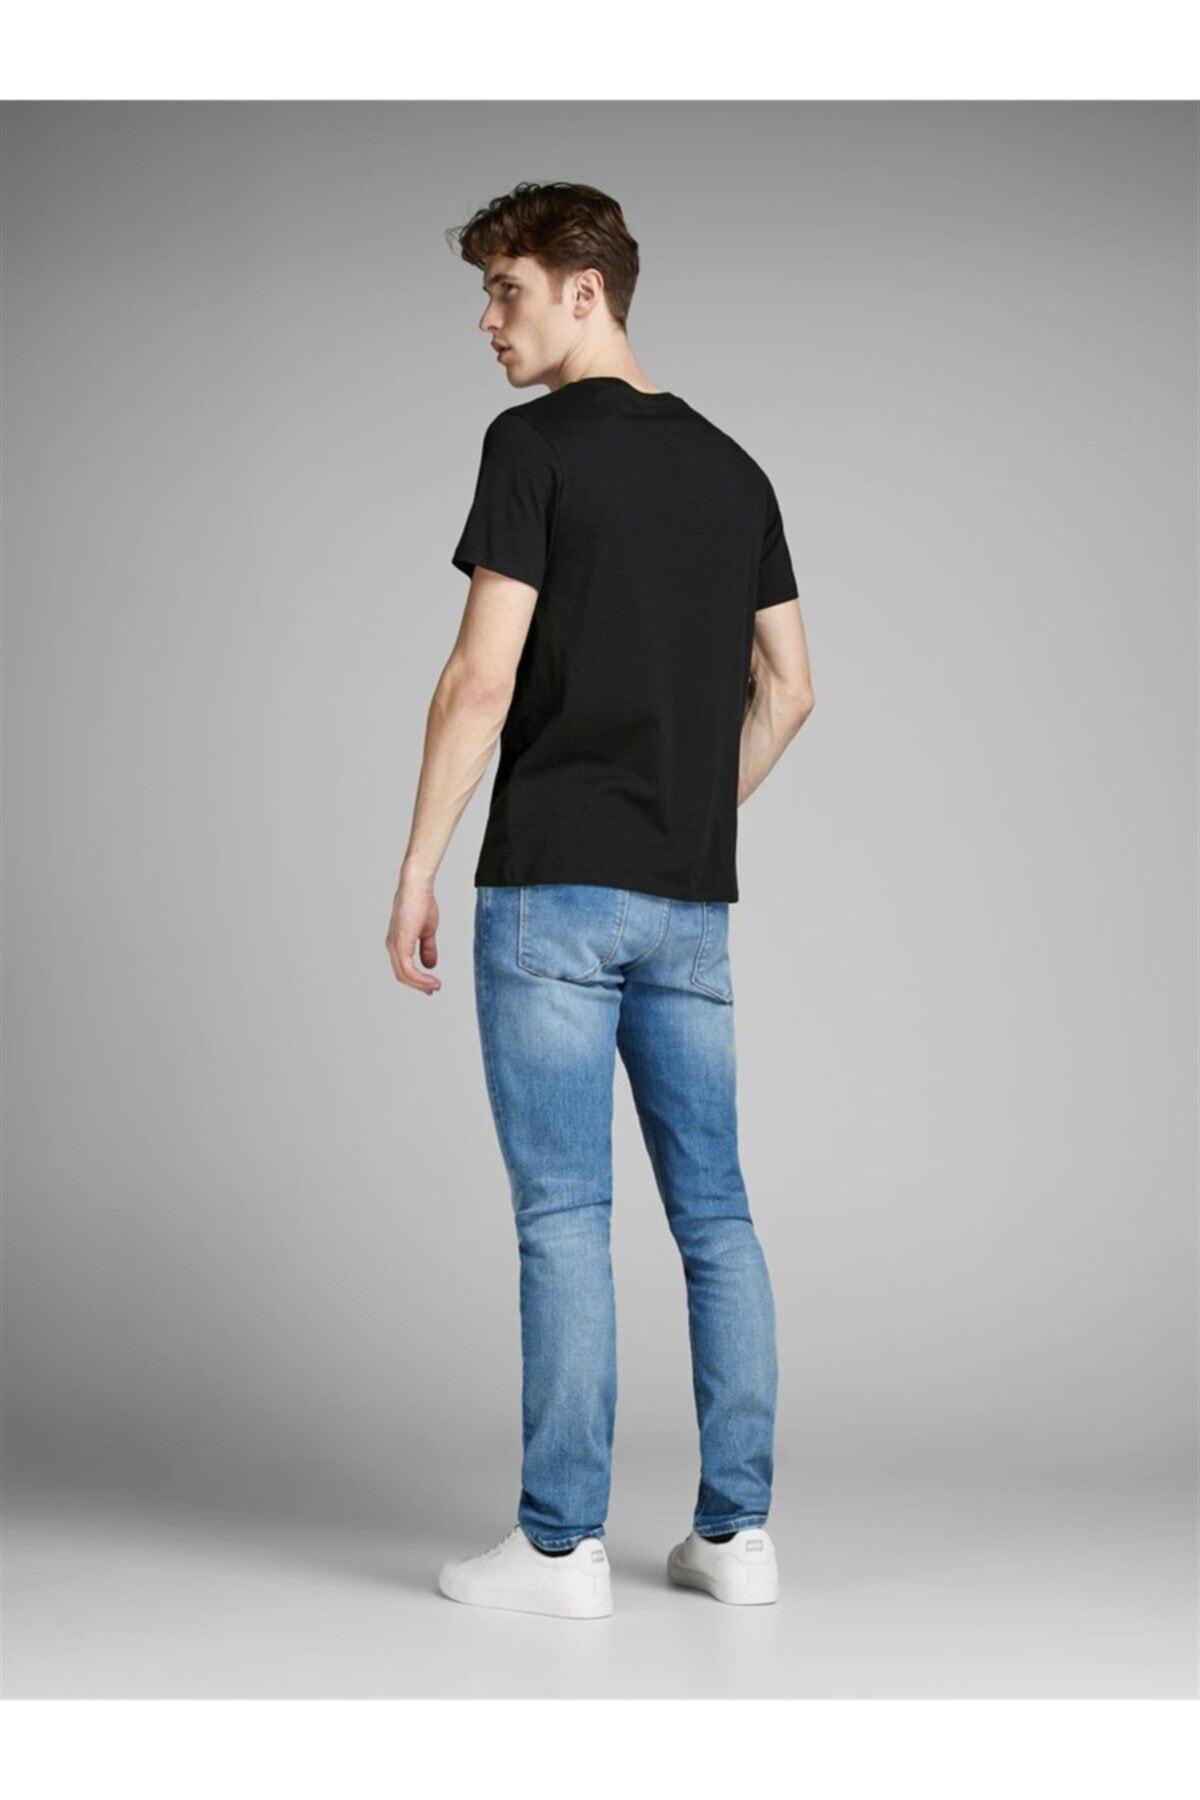 Jack & Jones Erkek Siyah T-shirt 2